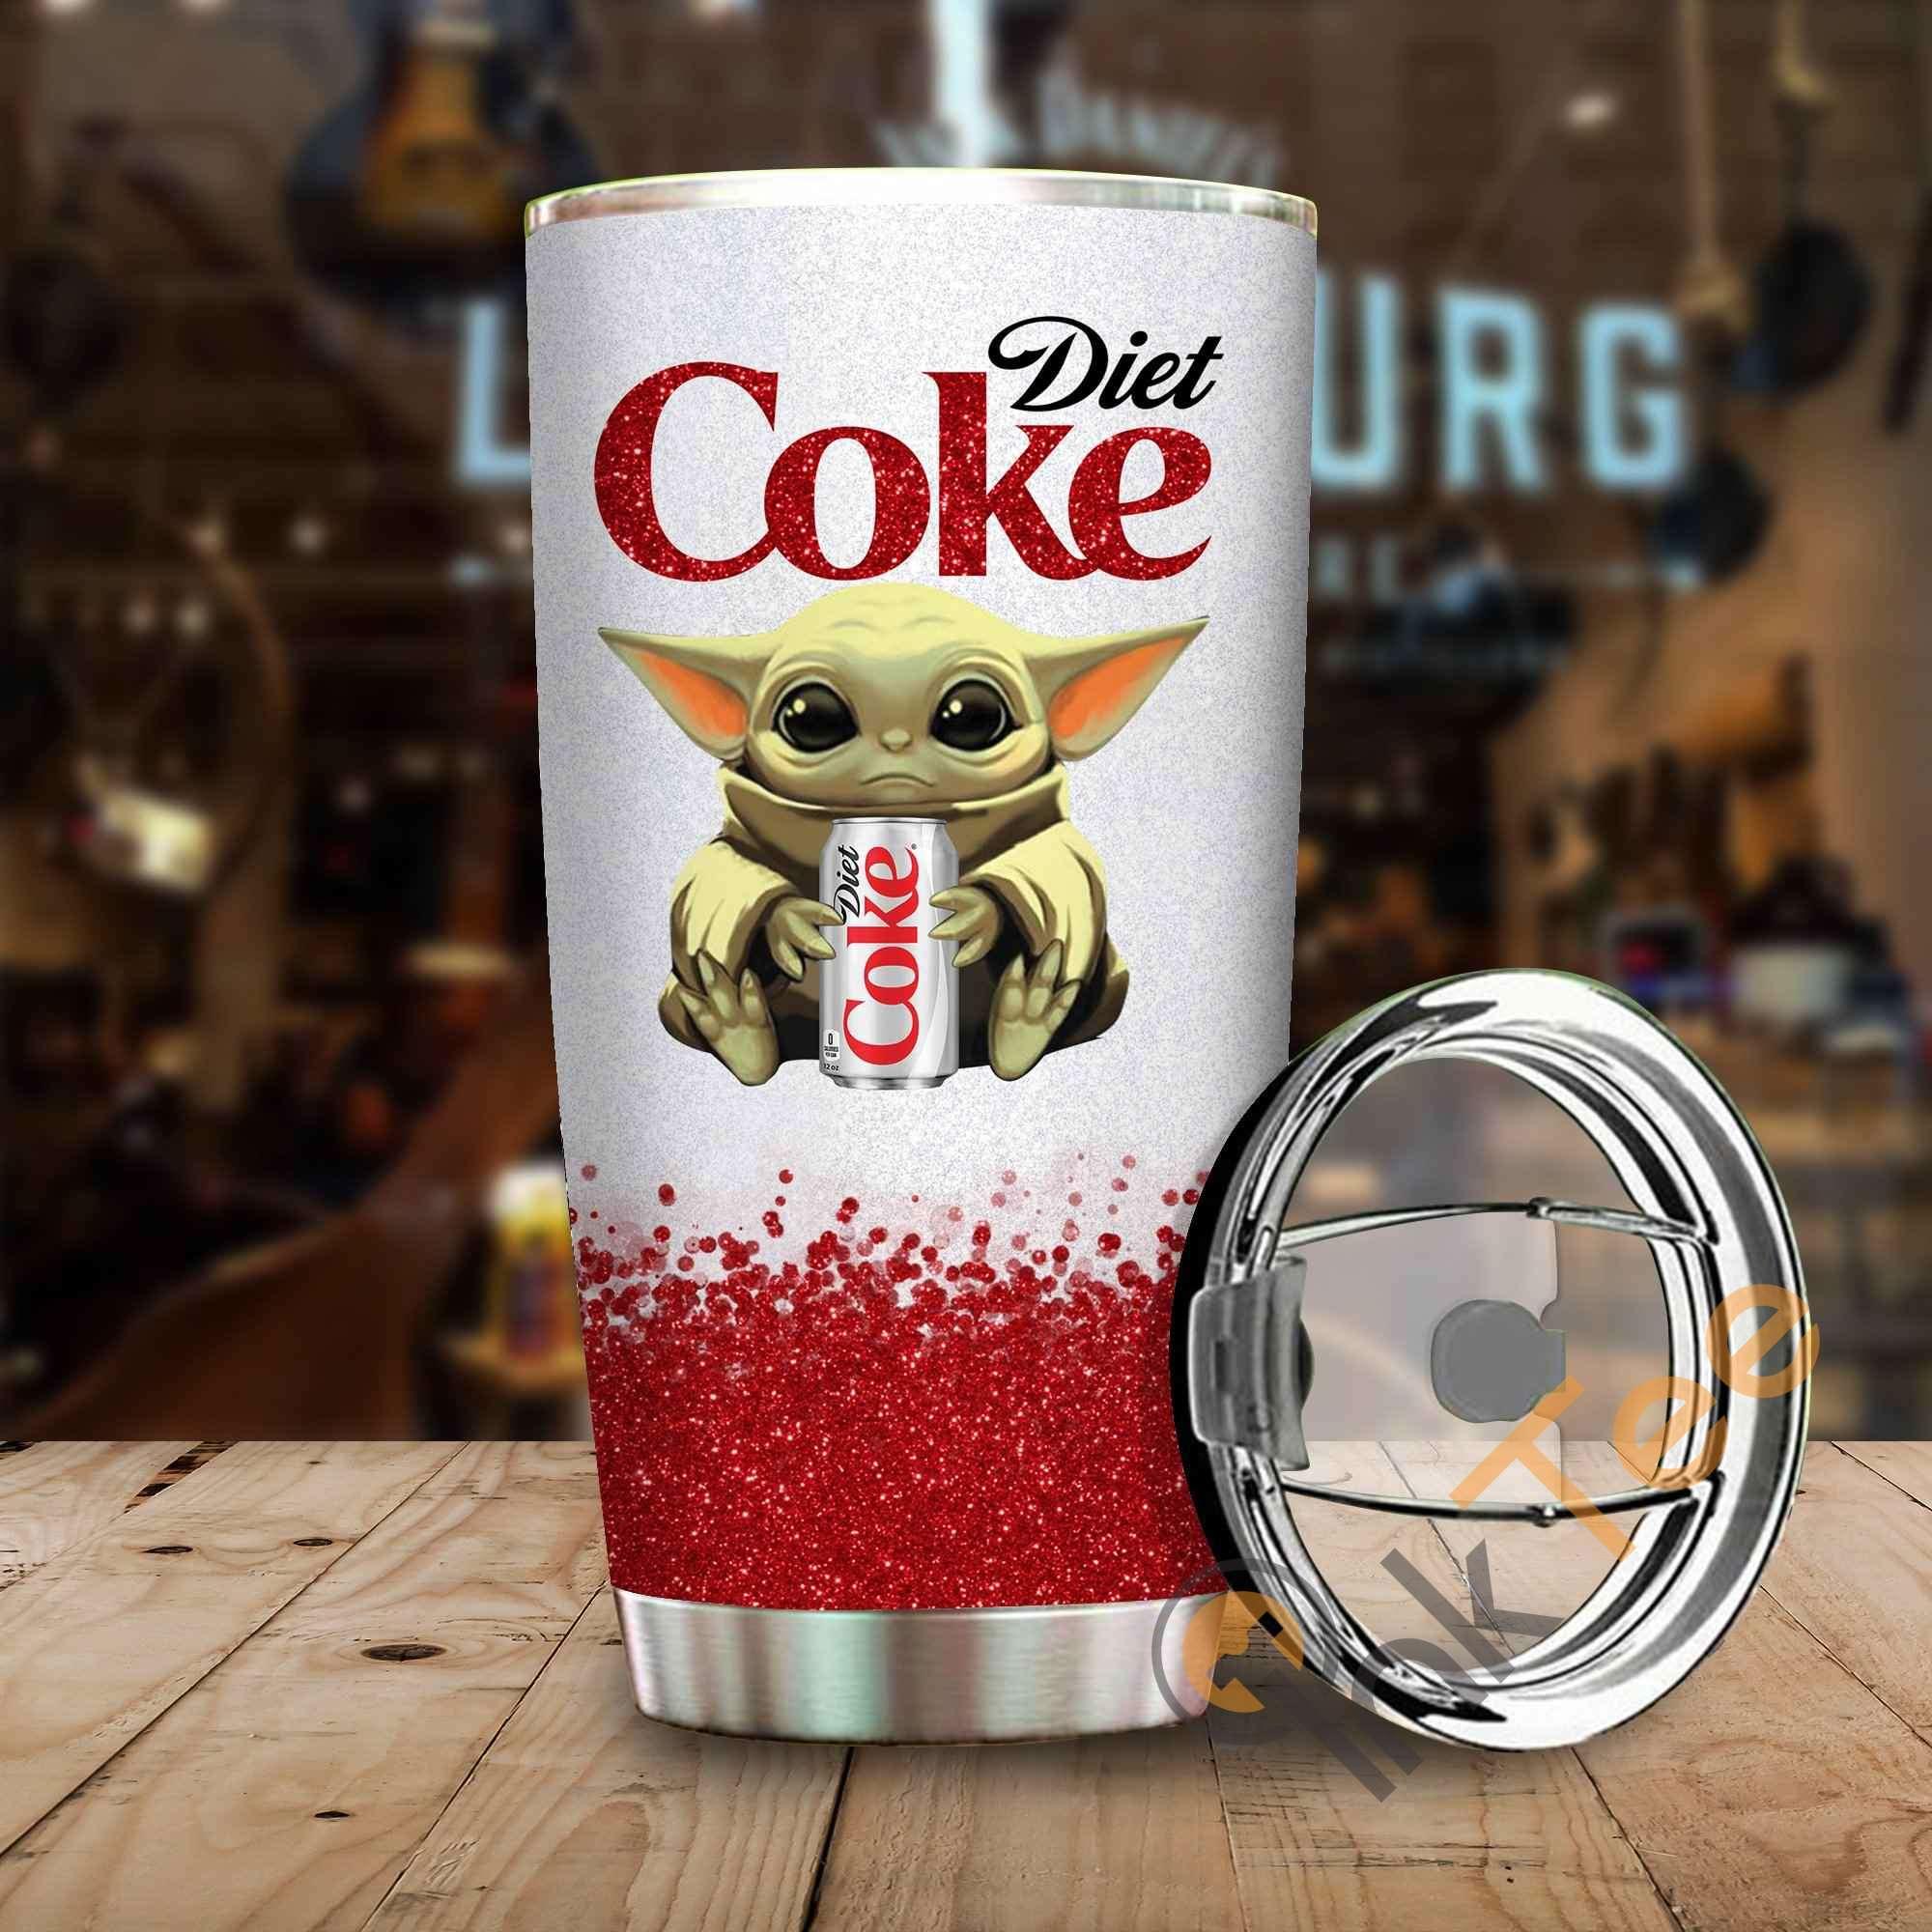 Baby Yoda Hold Diet Coke Amazon Best Seller Sku 3996 Stainless Steel Tumbler